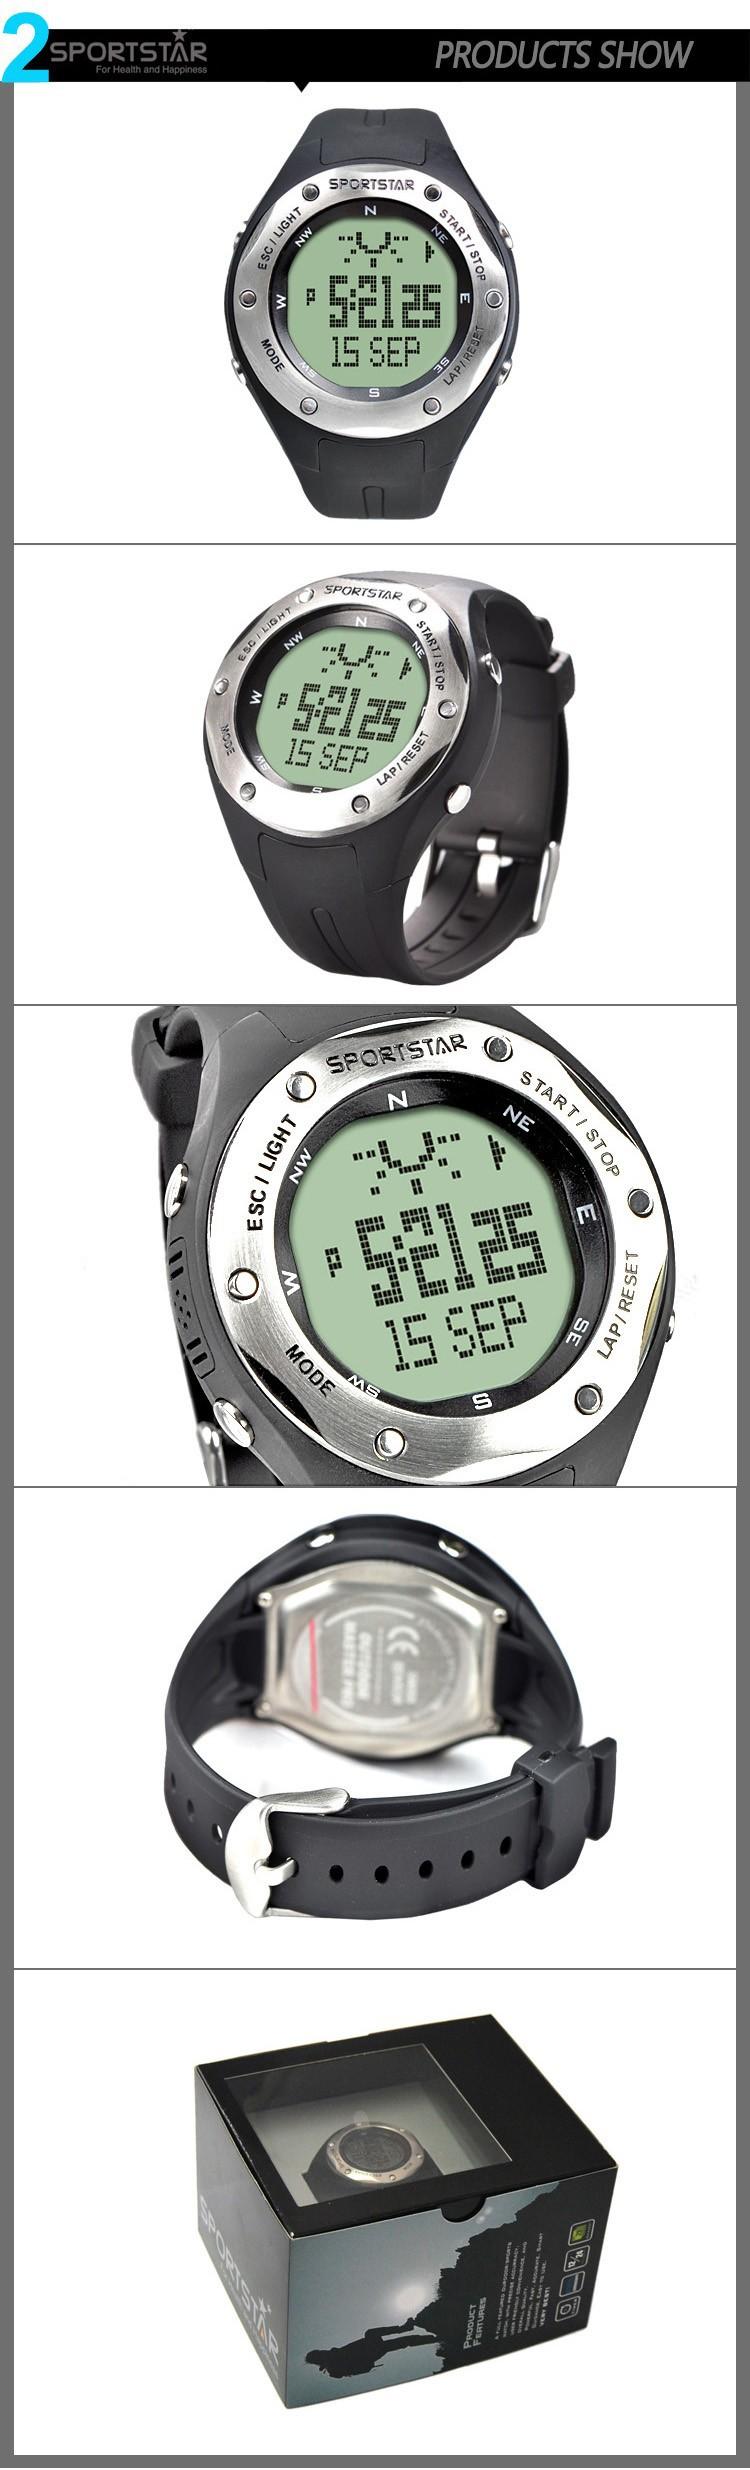 SPORTSTAR Открытый Master Pro многофункциональный пешие прогулки лыжная смарт-цифровые часы